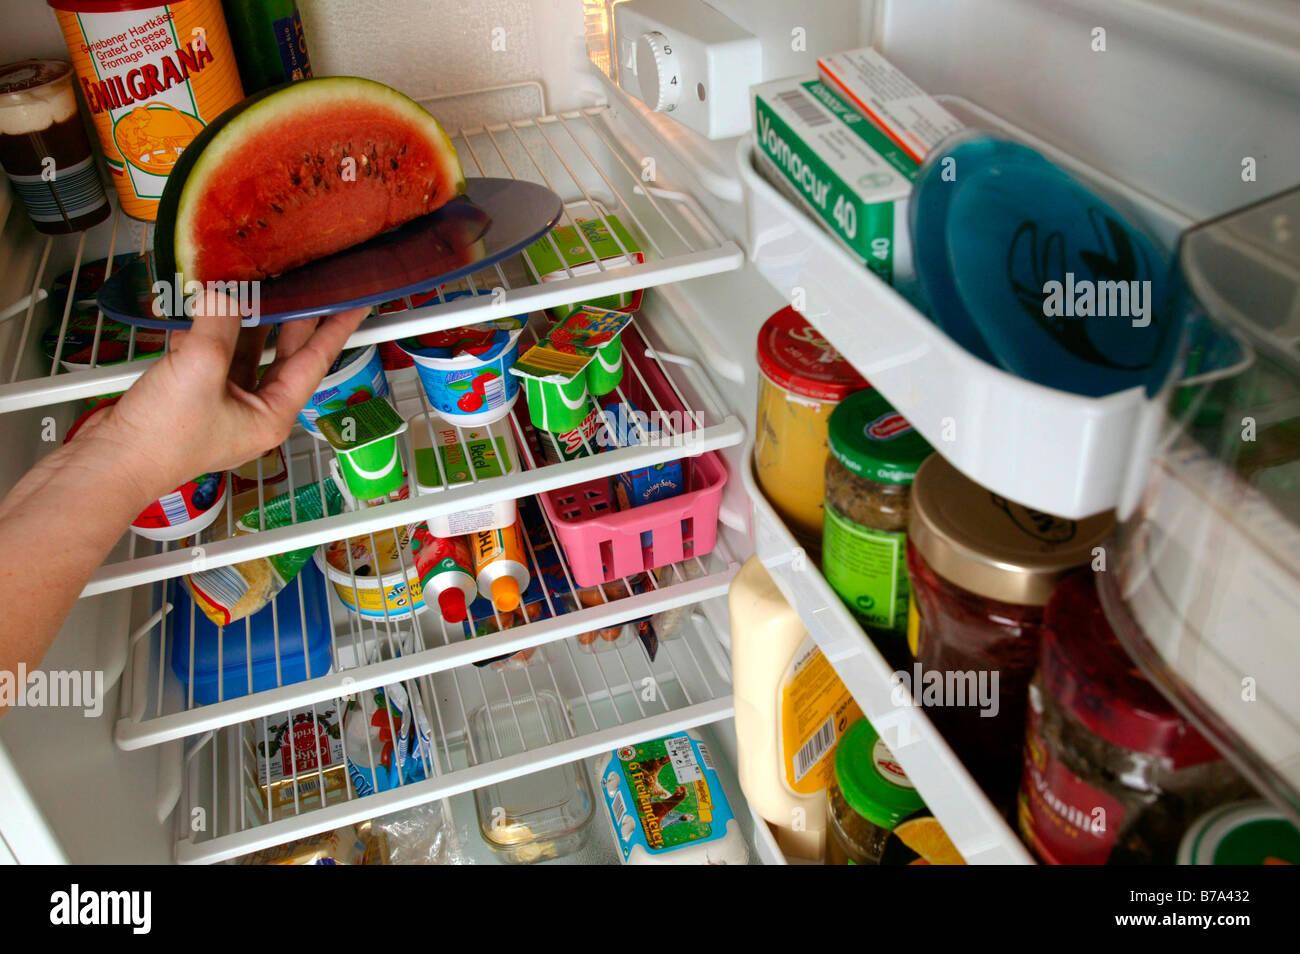 Donna mettendo il cibo in frigo in cucina Immagini Stock